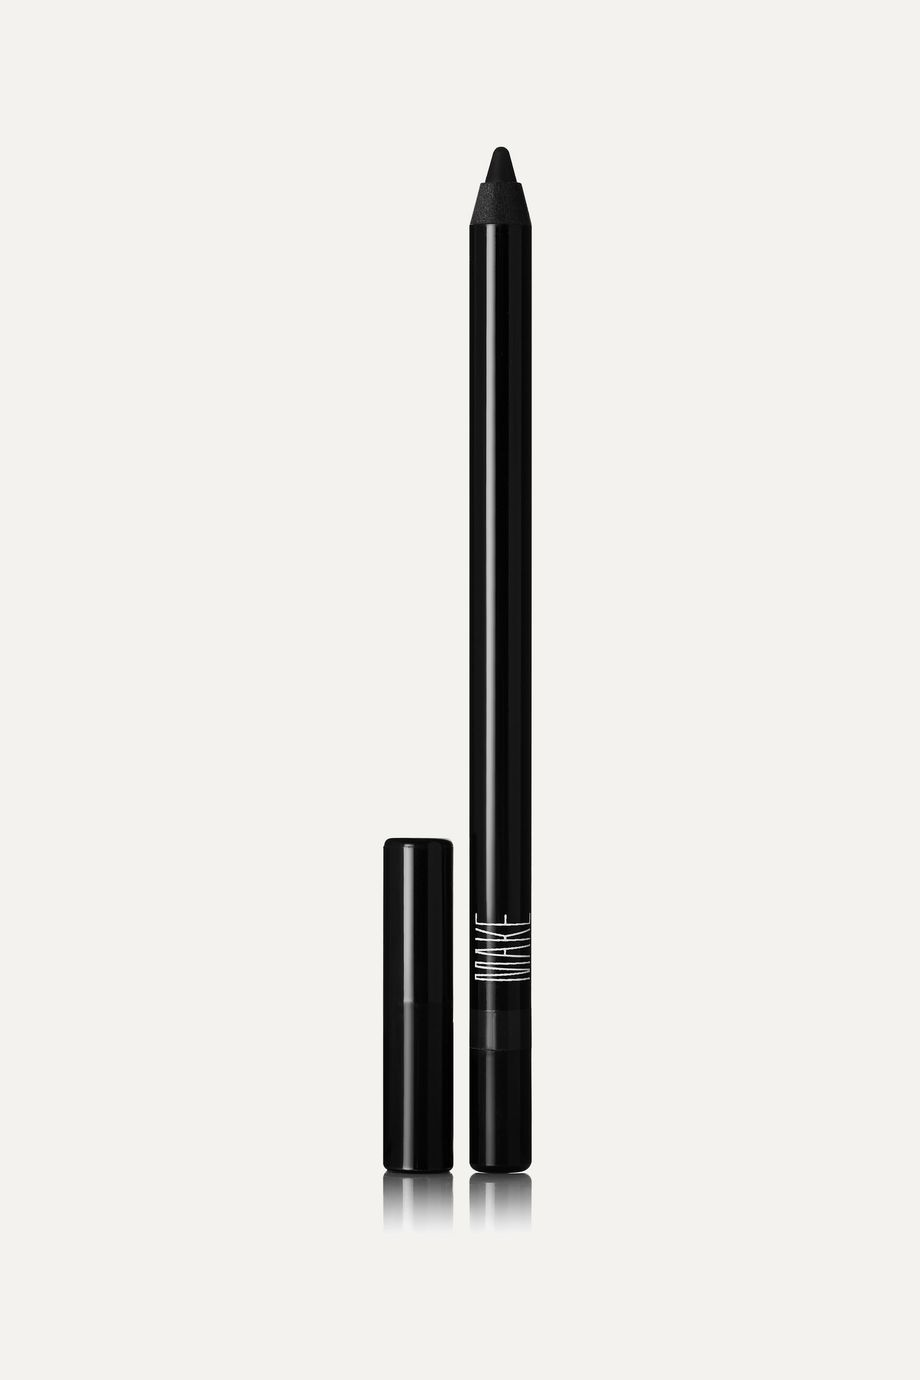 MAKE Beauty Gel Eyeliner Pencil - Jet Black